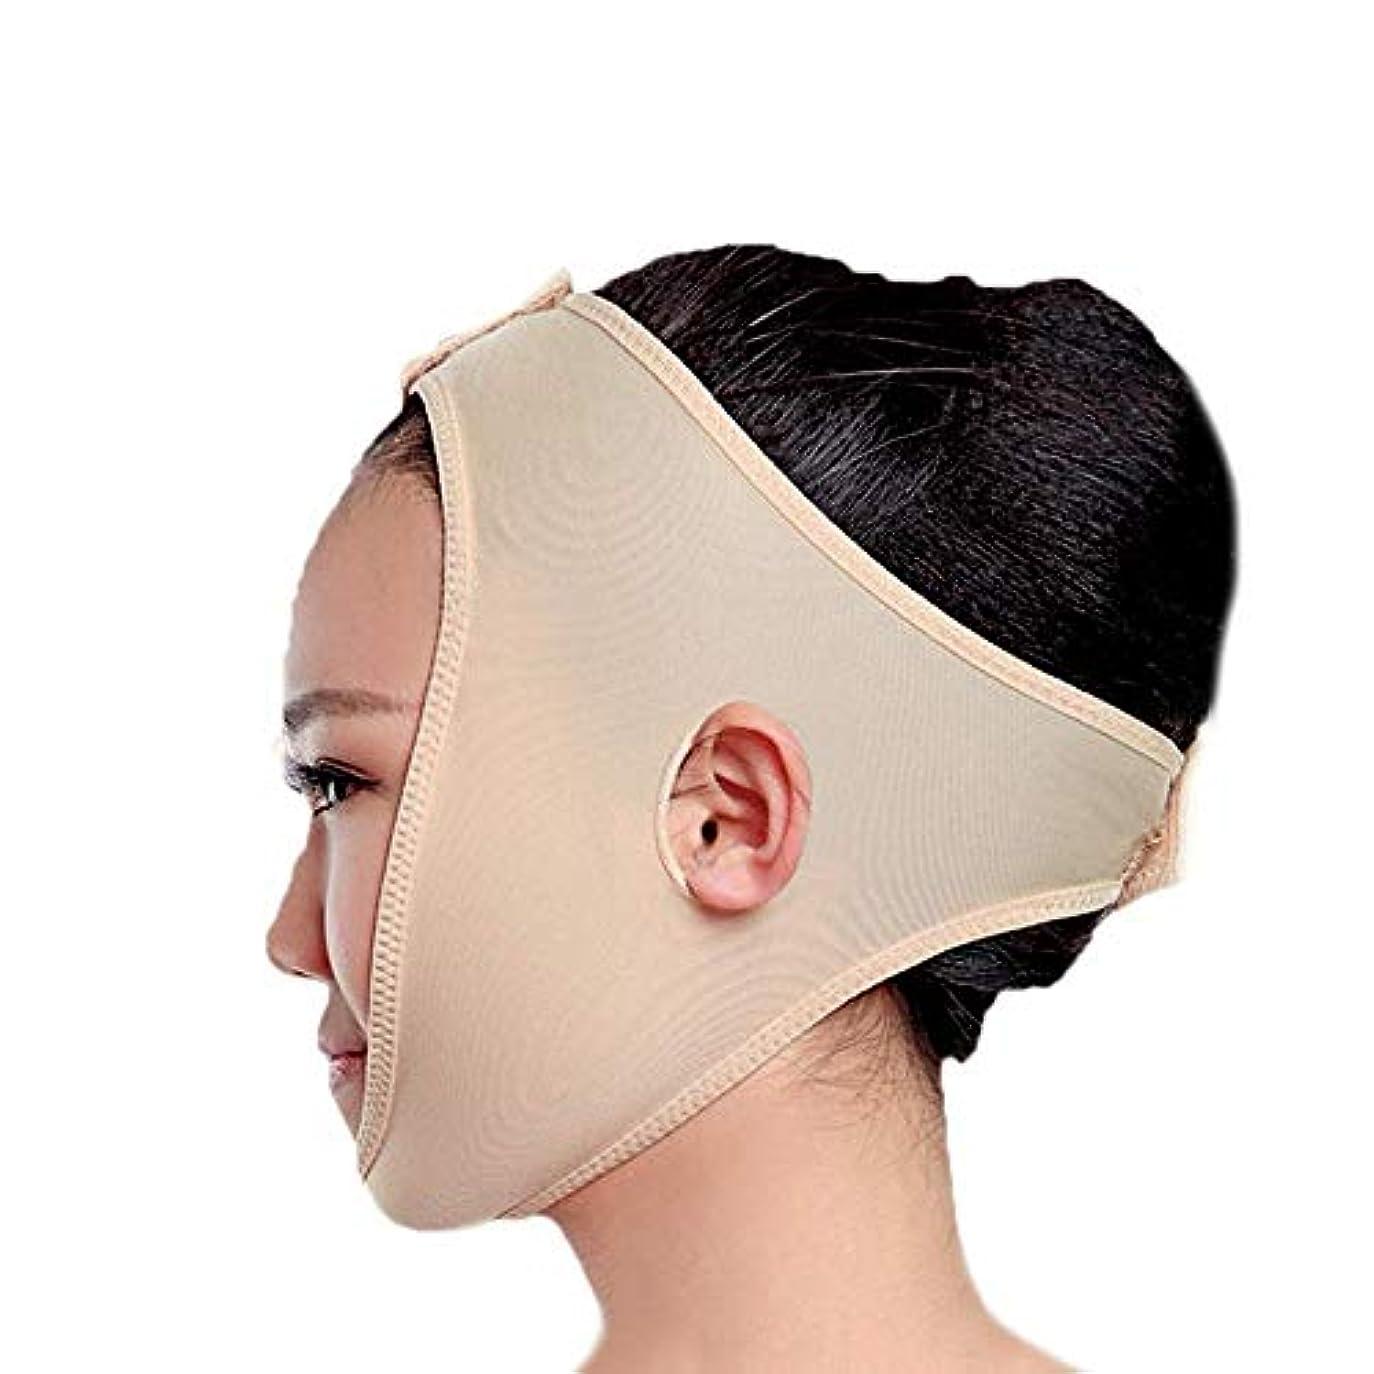 沼地傀儡勧めるフェイススリミングマスク、快適さと通気性、フェイシャルリフティング、輪郭の改善された硬さ、ファーミングとリフティングフェイス(カラー:ブラック、サイズ:XL),黄色がかったピンク2、M